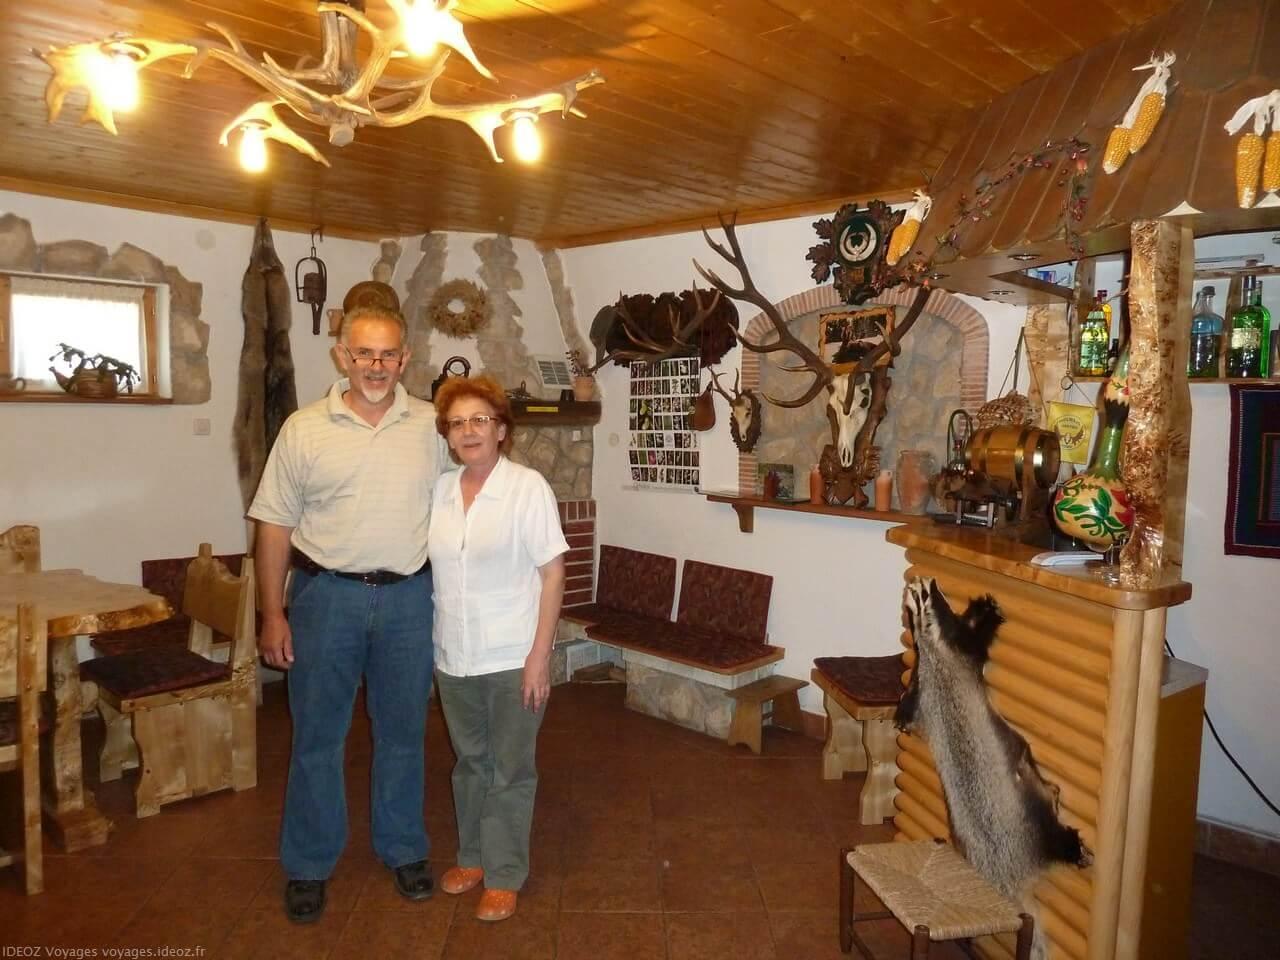 Branko et Sonja propriétaires de la pansion Mrzlin grad